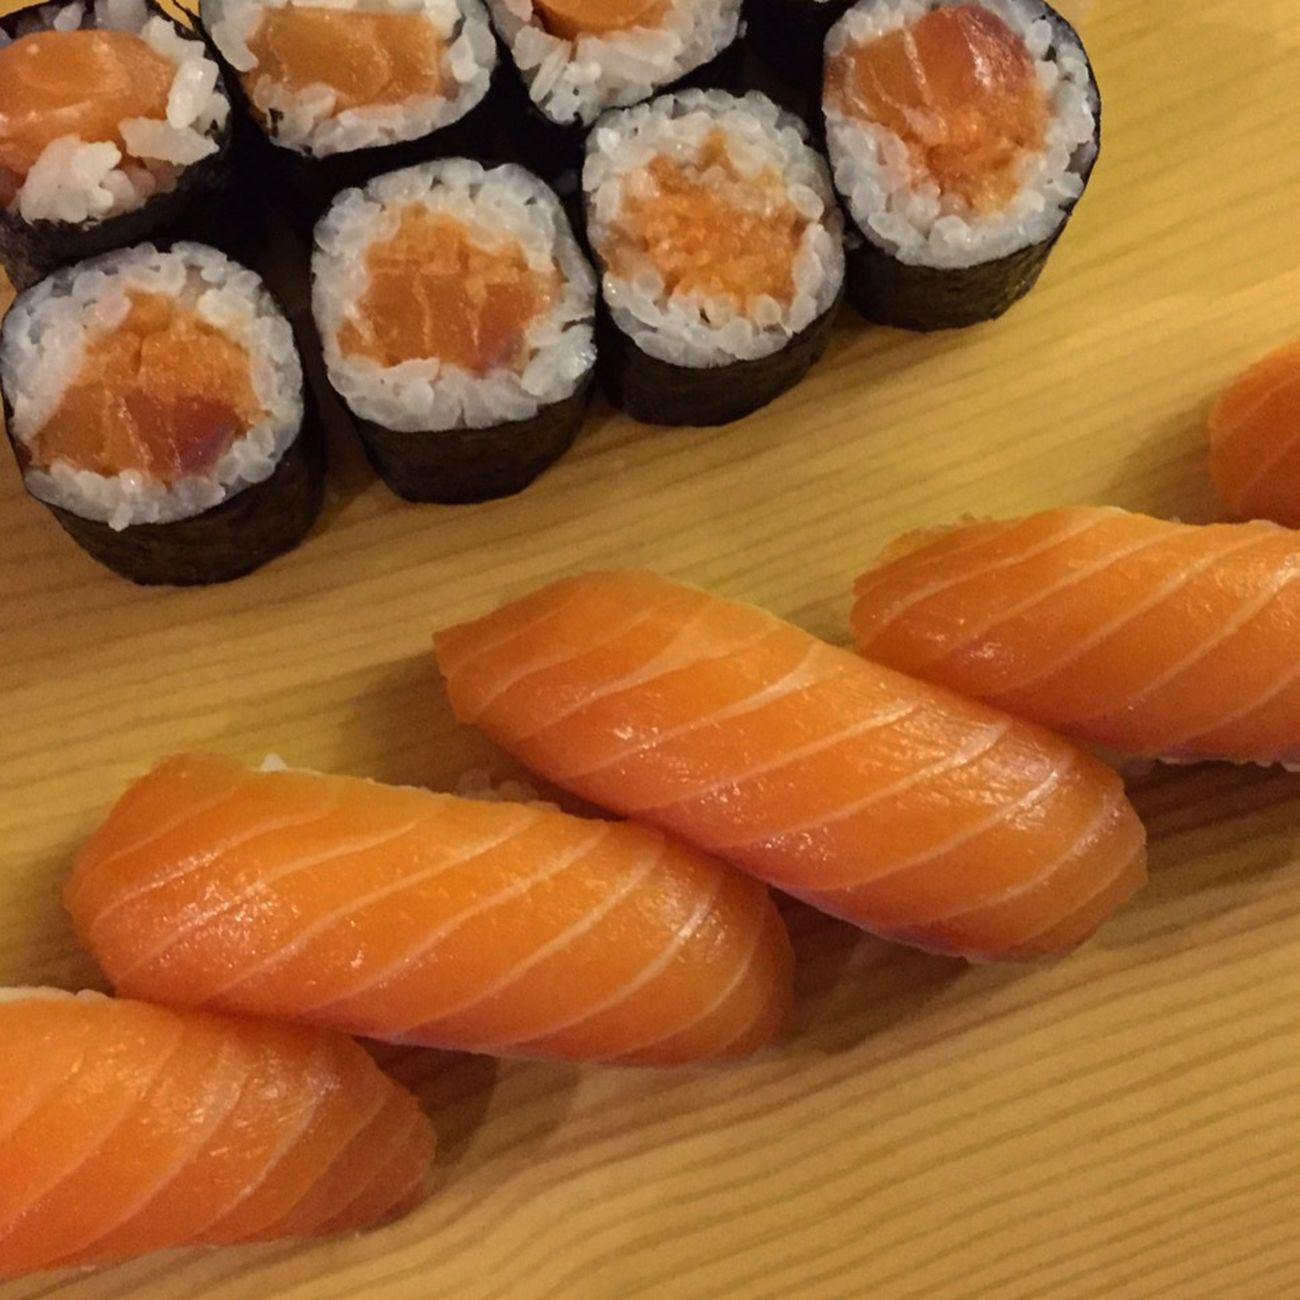 Sushi Sushi Time Sushilover Sushiaddict Sushidate Sushilovers Sushi Bar Foodgasm LoveFood Japanese Food